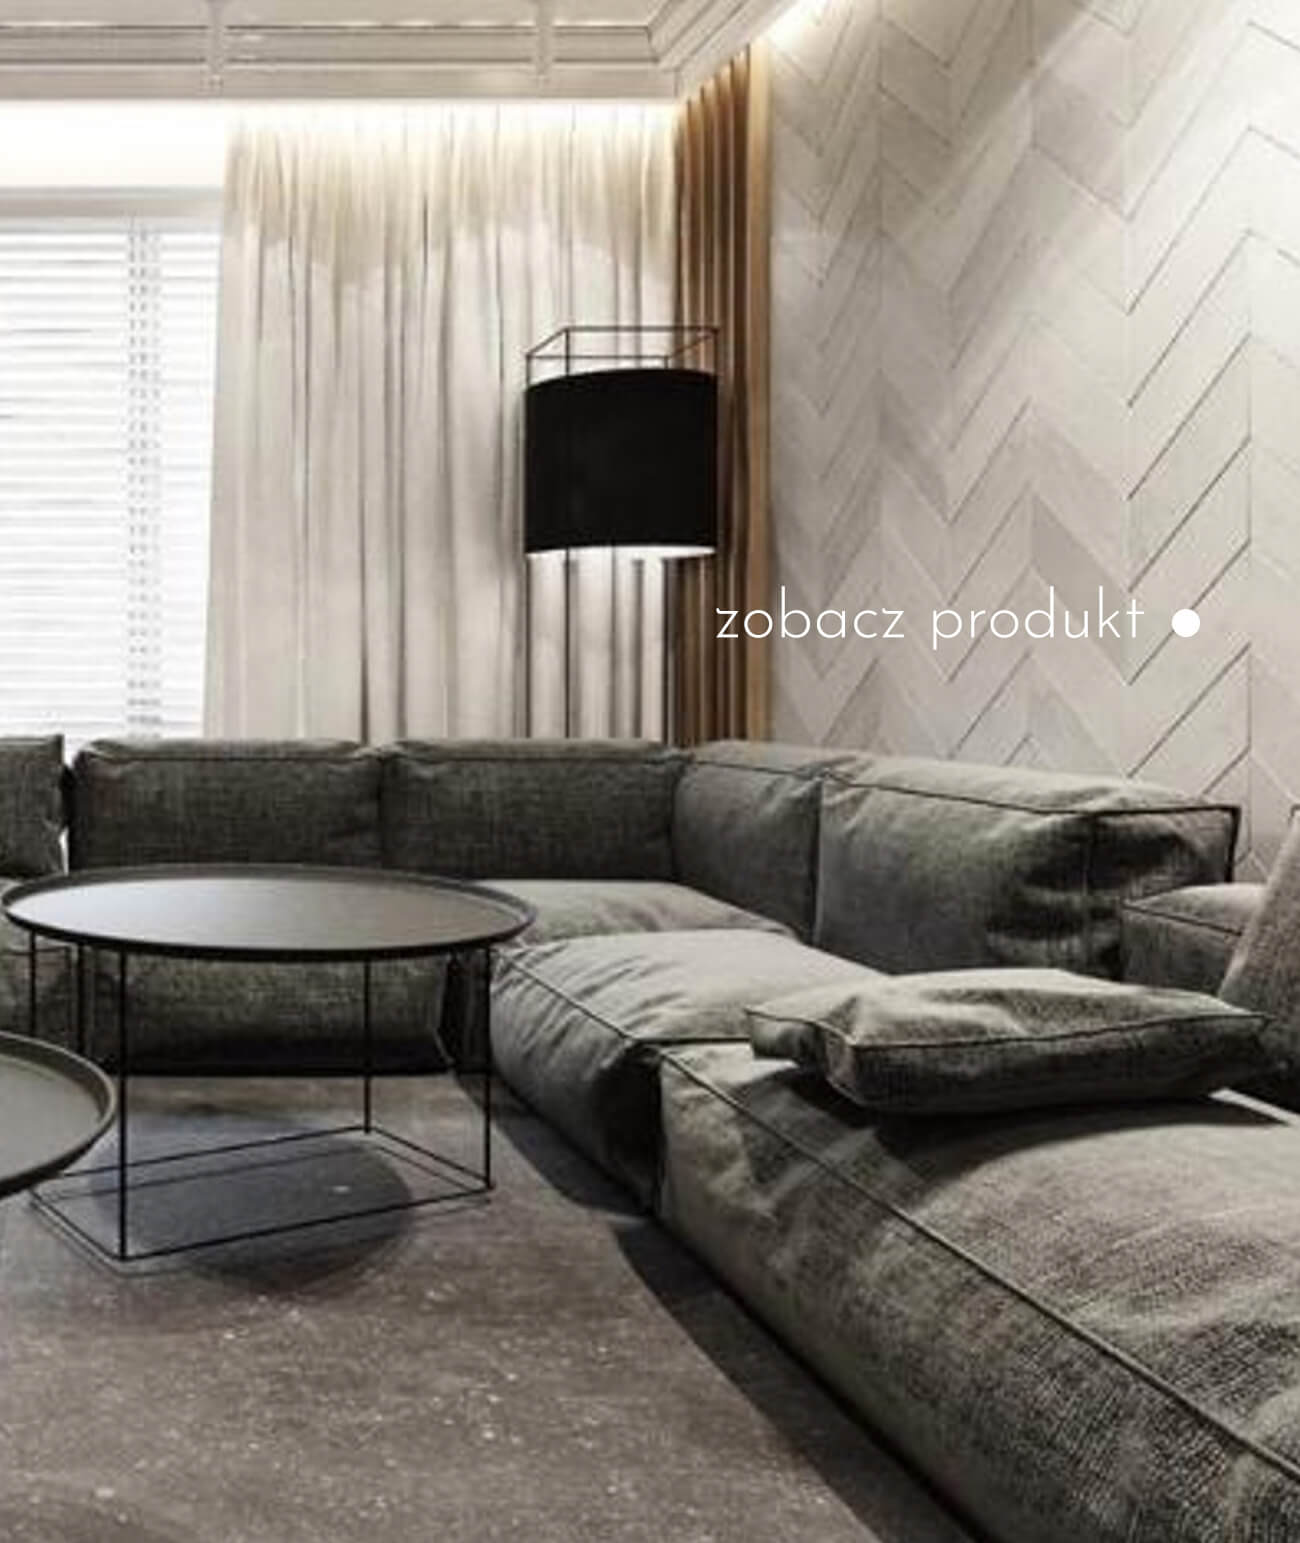 panele-betonowe-3d-scienne-i-elewacyjne-beton-architektoniczny_381-2148-pb35-b0-bialy-jodelka---panel-dekor-beton-architektoniczny-panel-scienny